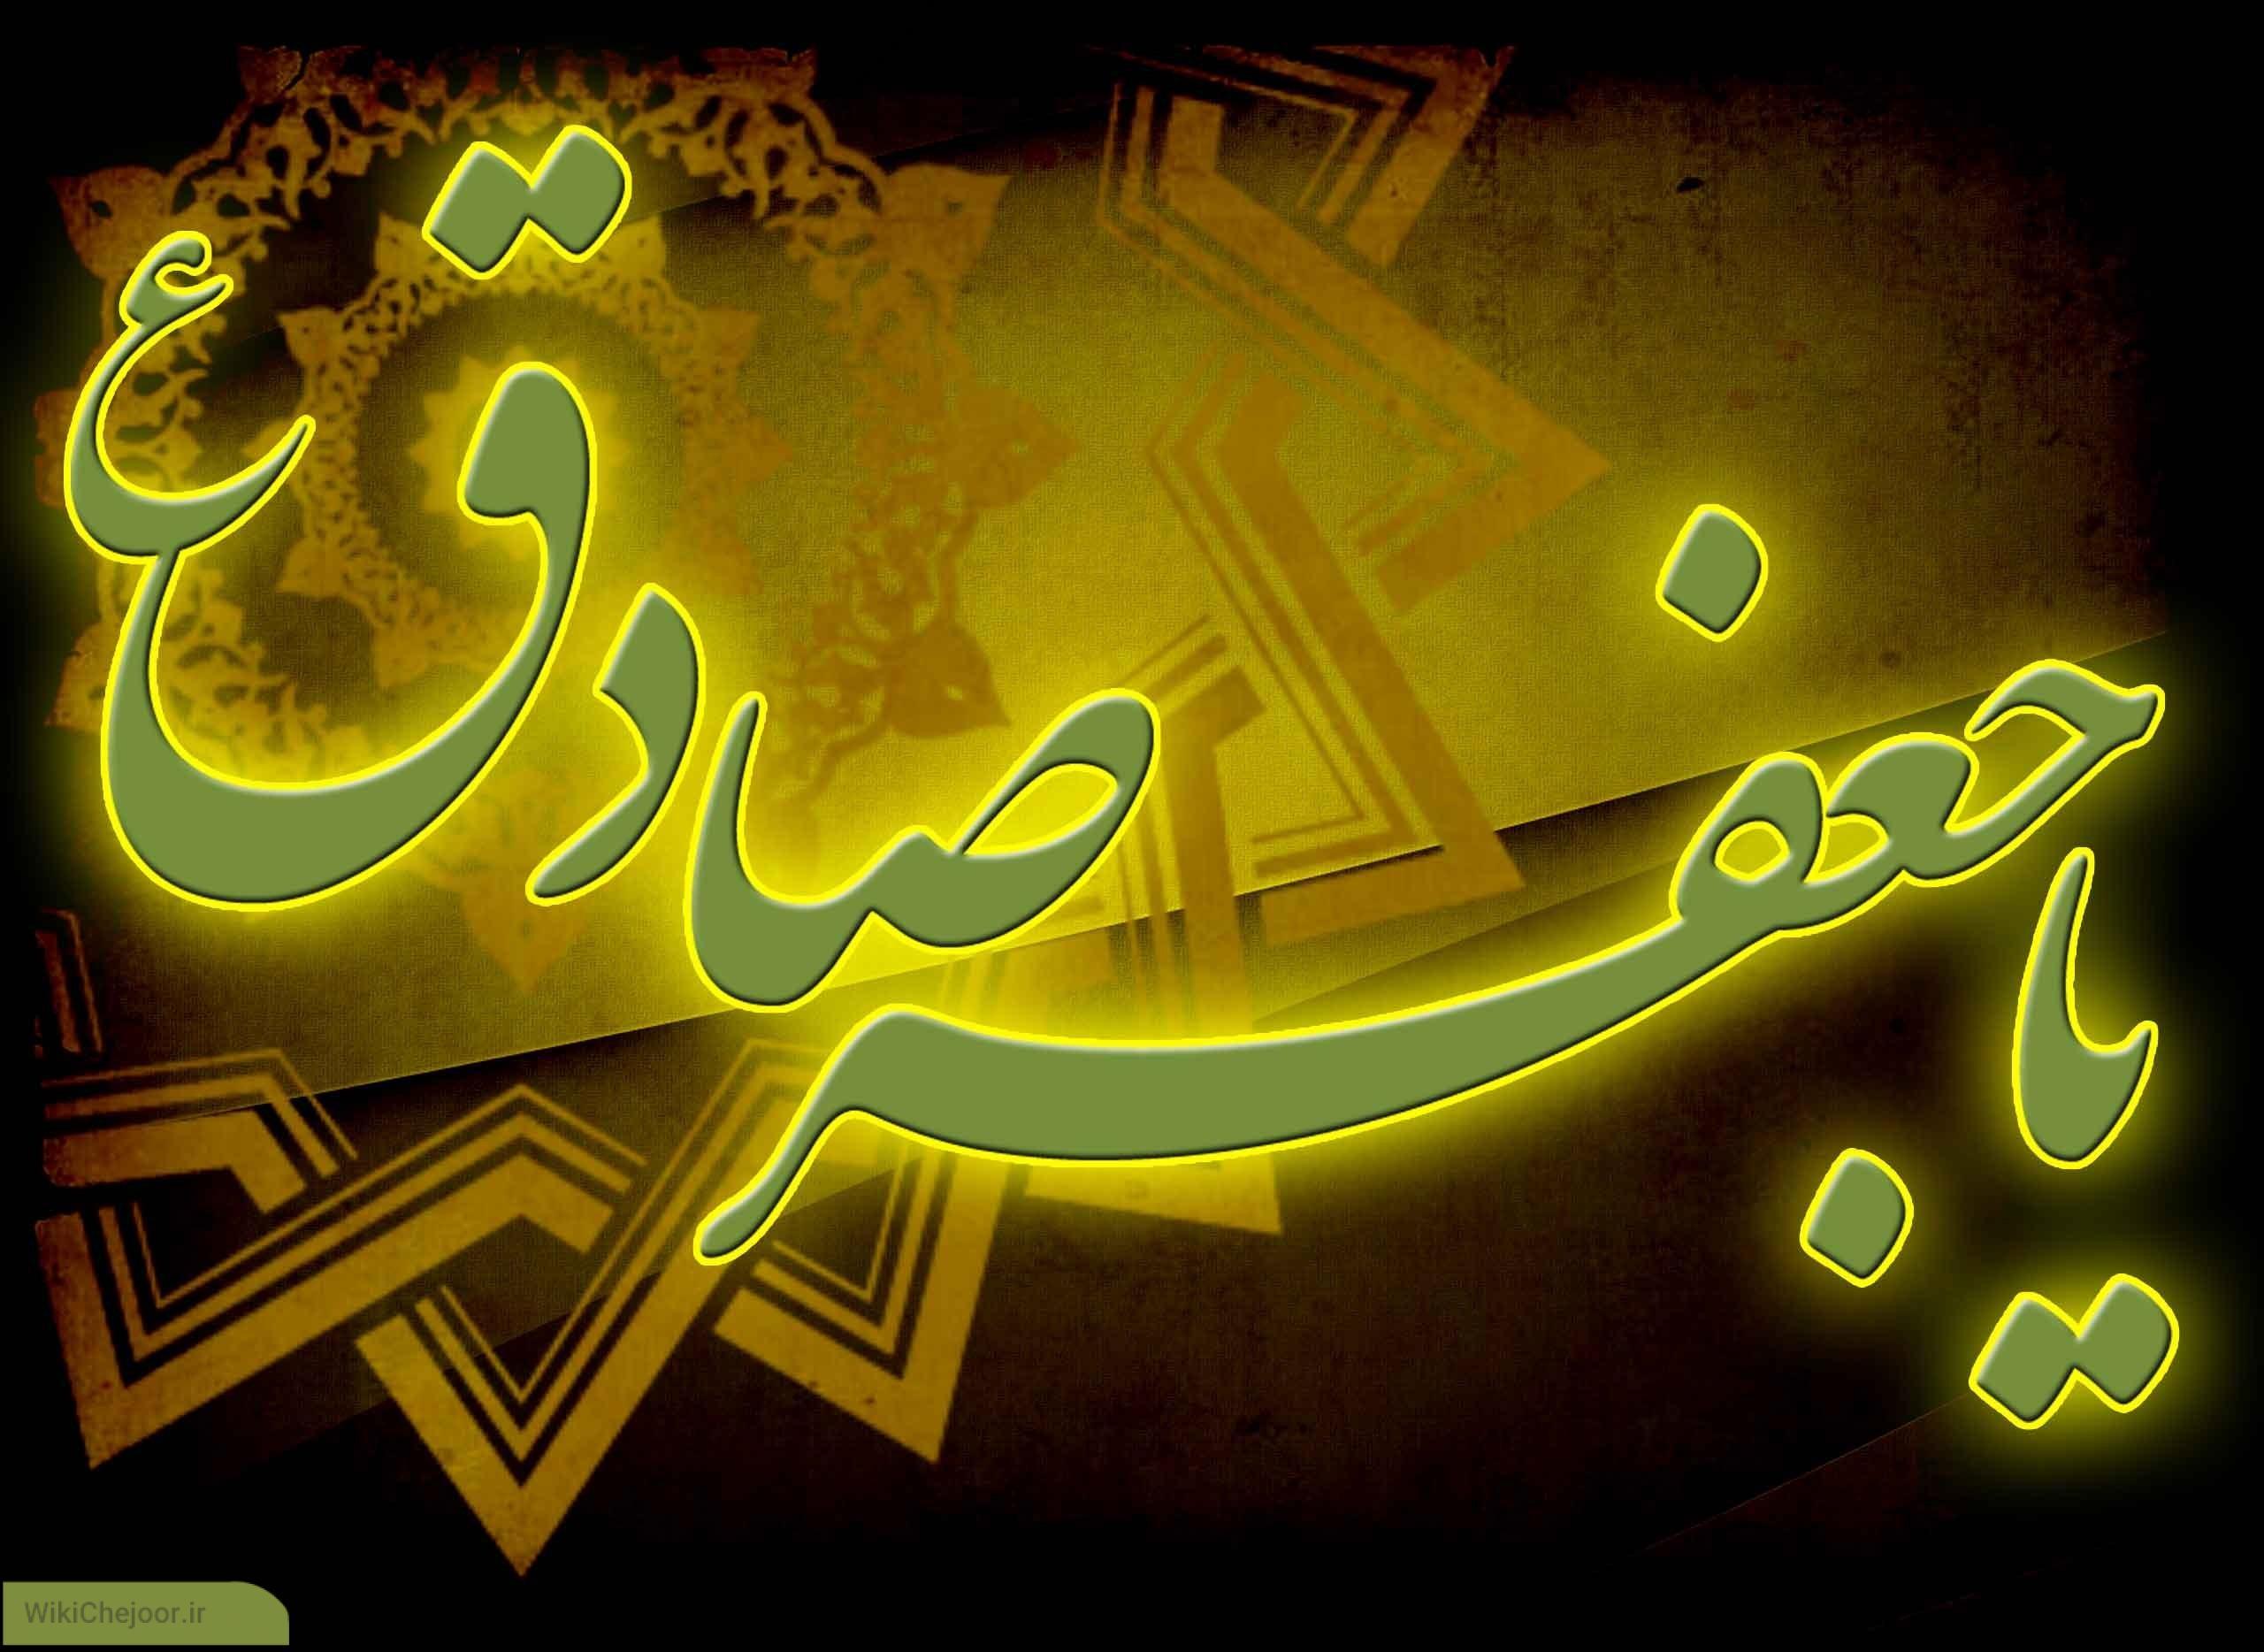 چگونه امام صادق (ع) از دین مرزبانی انجام دادند؟